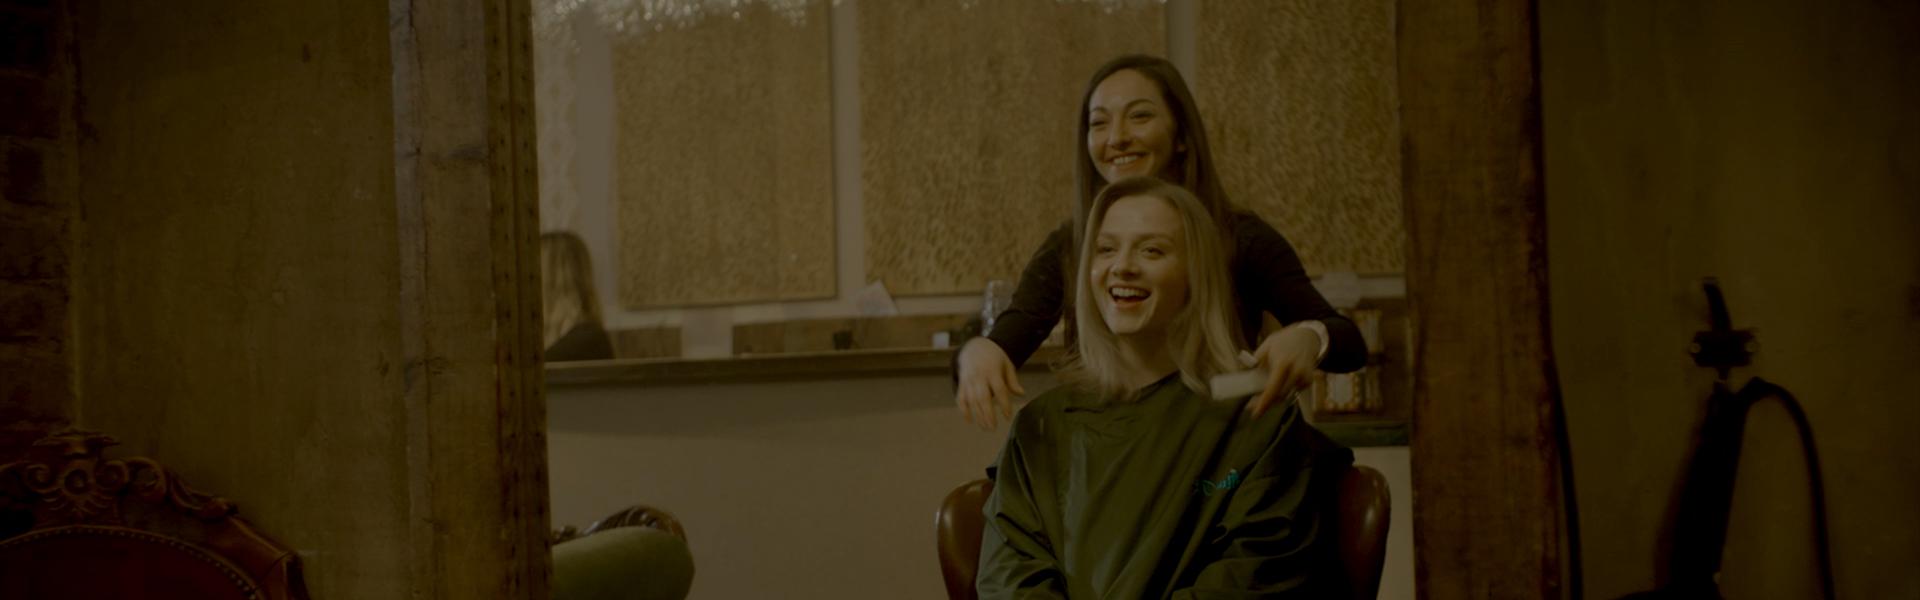 Две женщины в салоне красоты